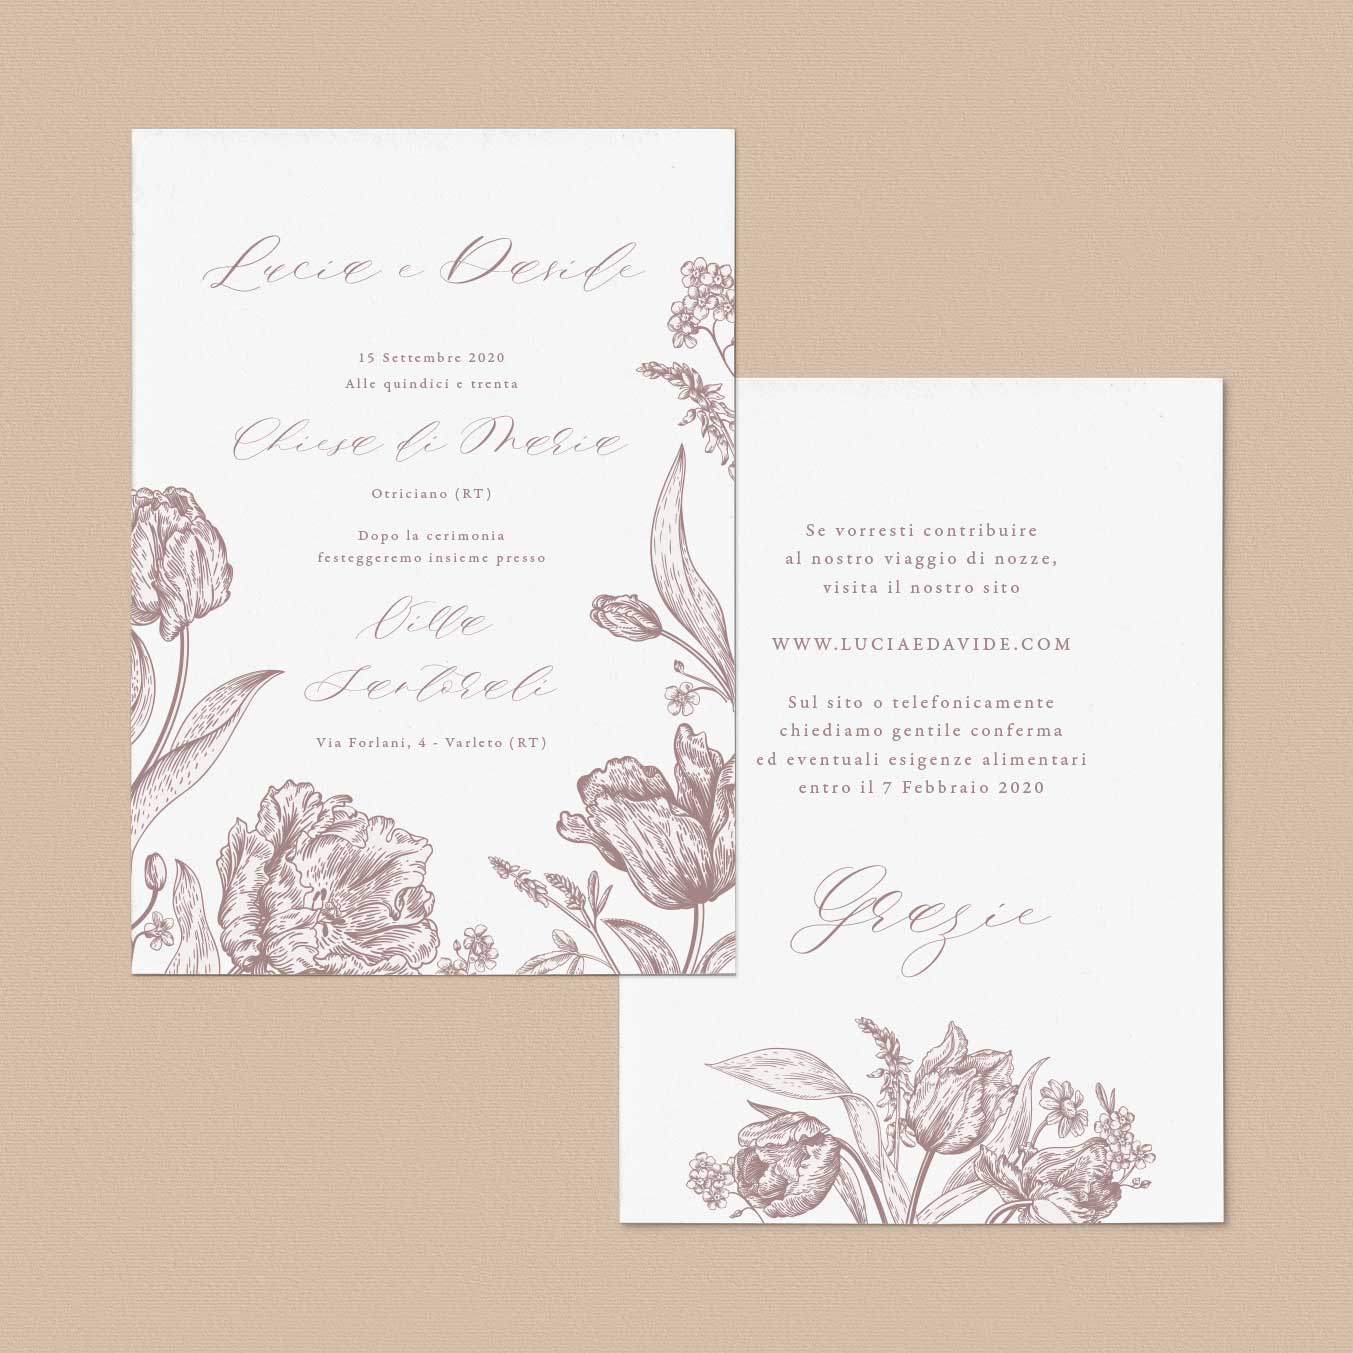 Partecipazioni-floreali-fiori-rustico-rustiche-inviti-matrimonio-nozze-eleganti-country-boho-chic-natura-natural-chic